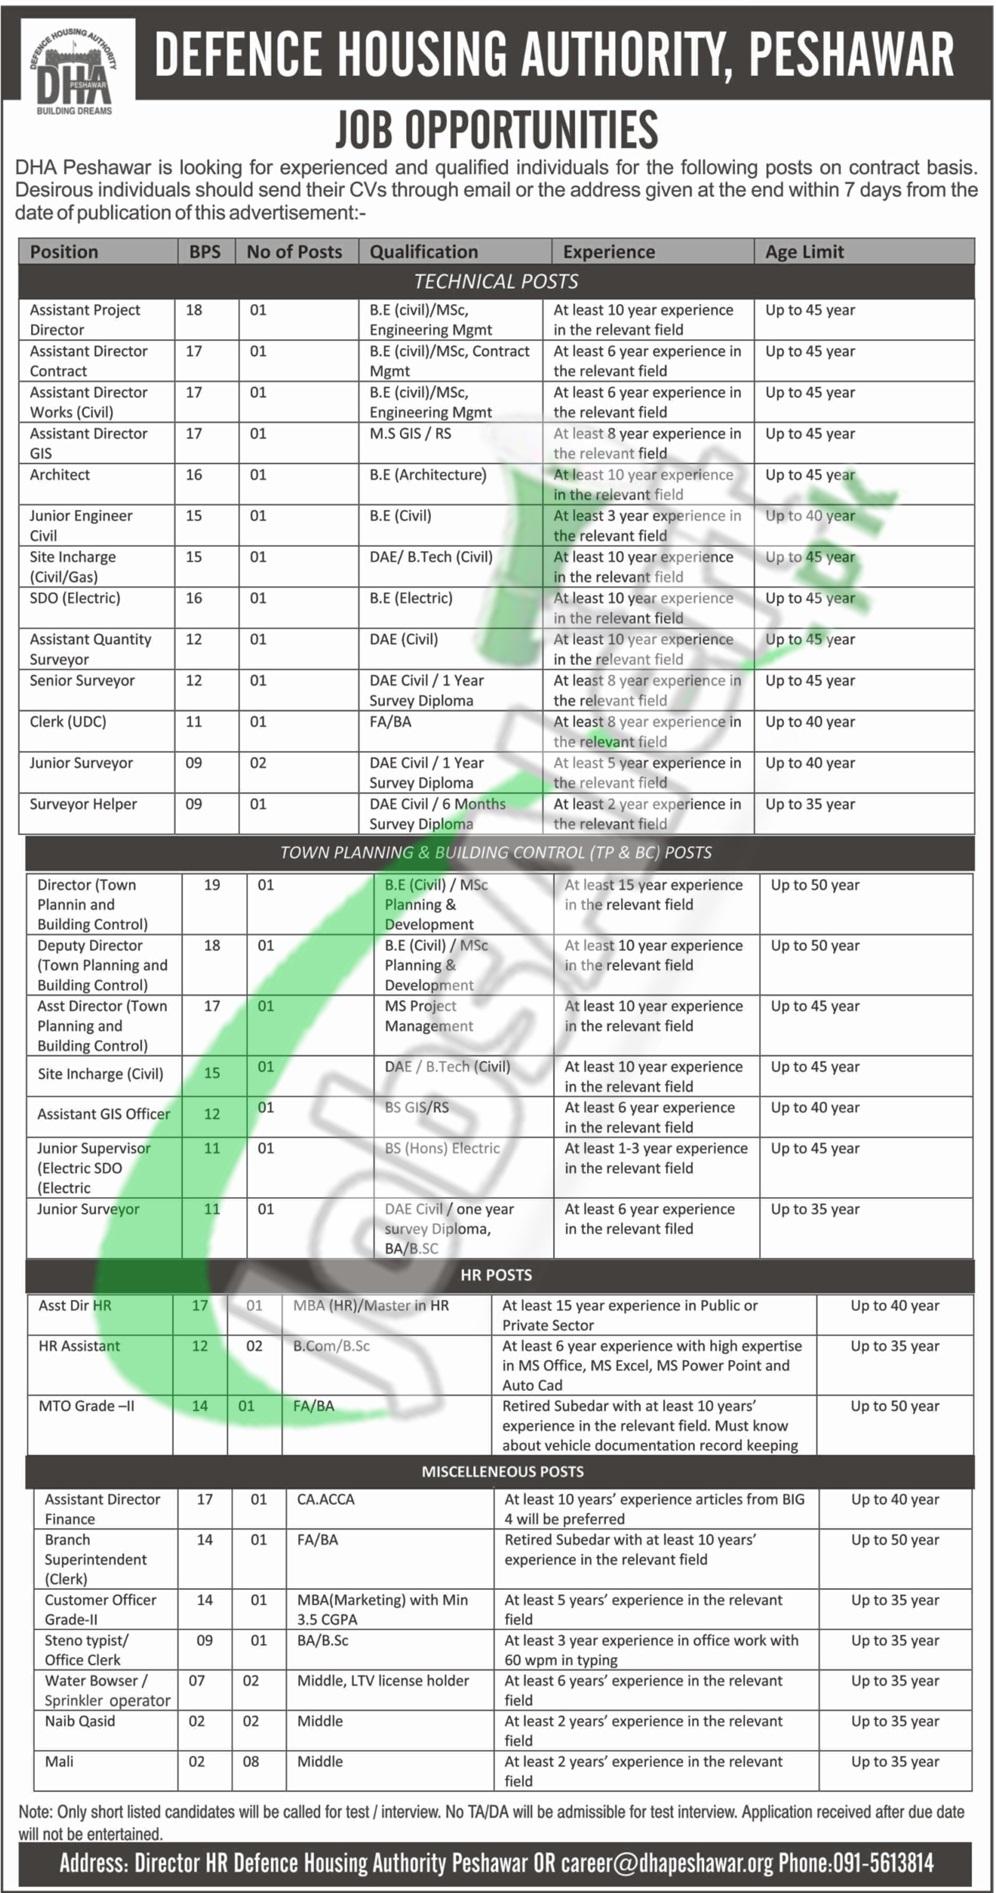 DHA Peshawar Jobs